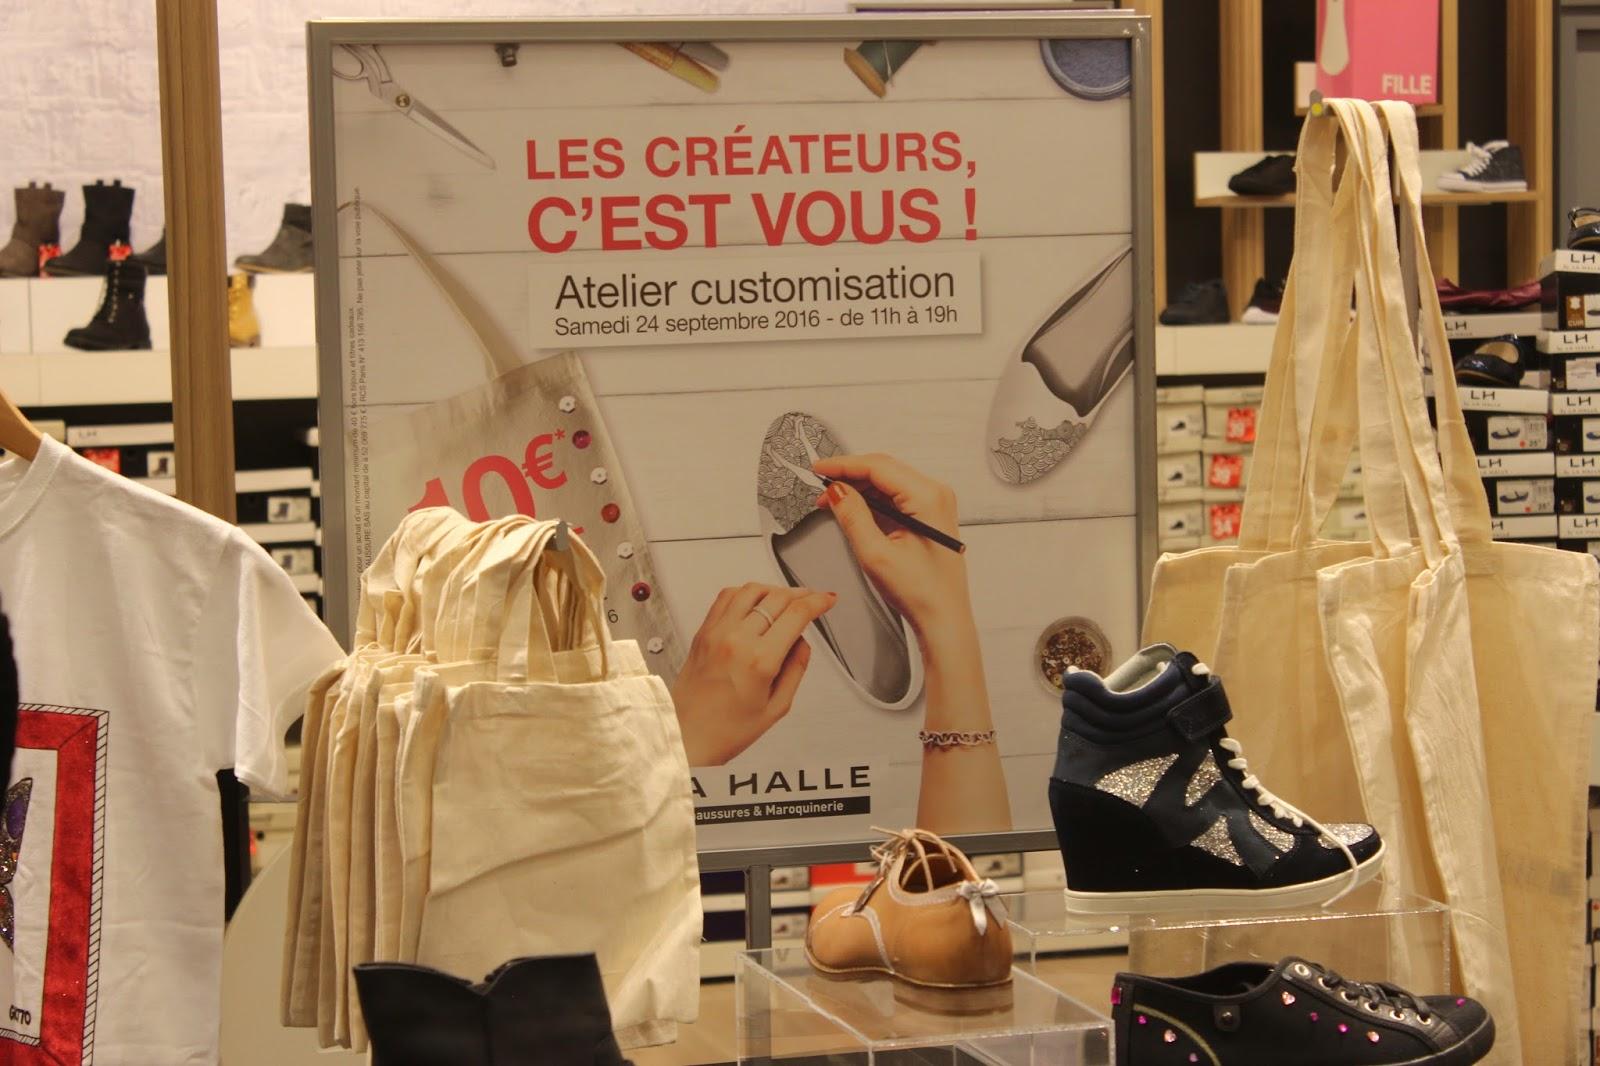 c69826860495ed La Halle a toujours été une enseigne que j'ai fréquenté assidûment, autant  pour ses vêtements, que pour ses chaussures à prix canons!